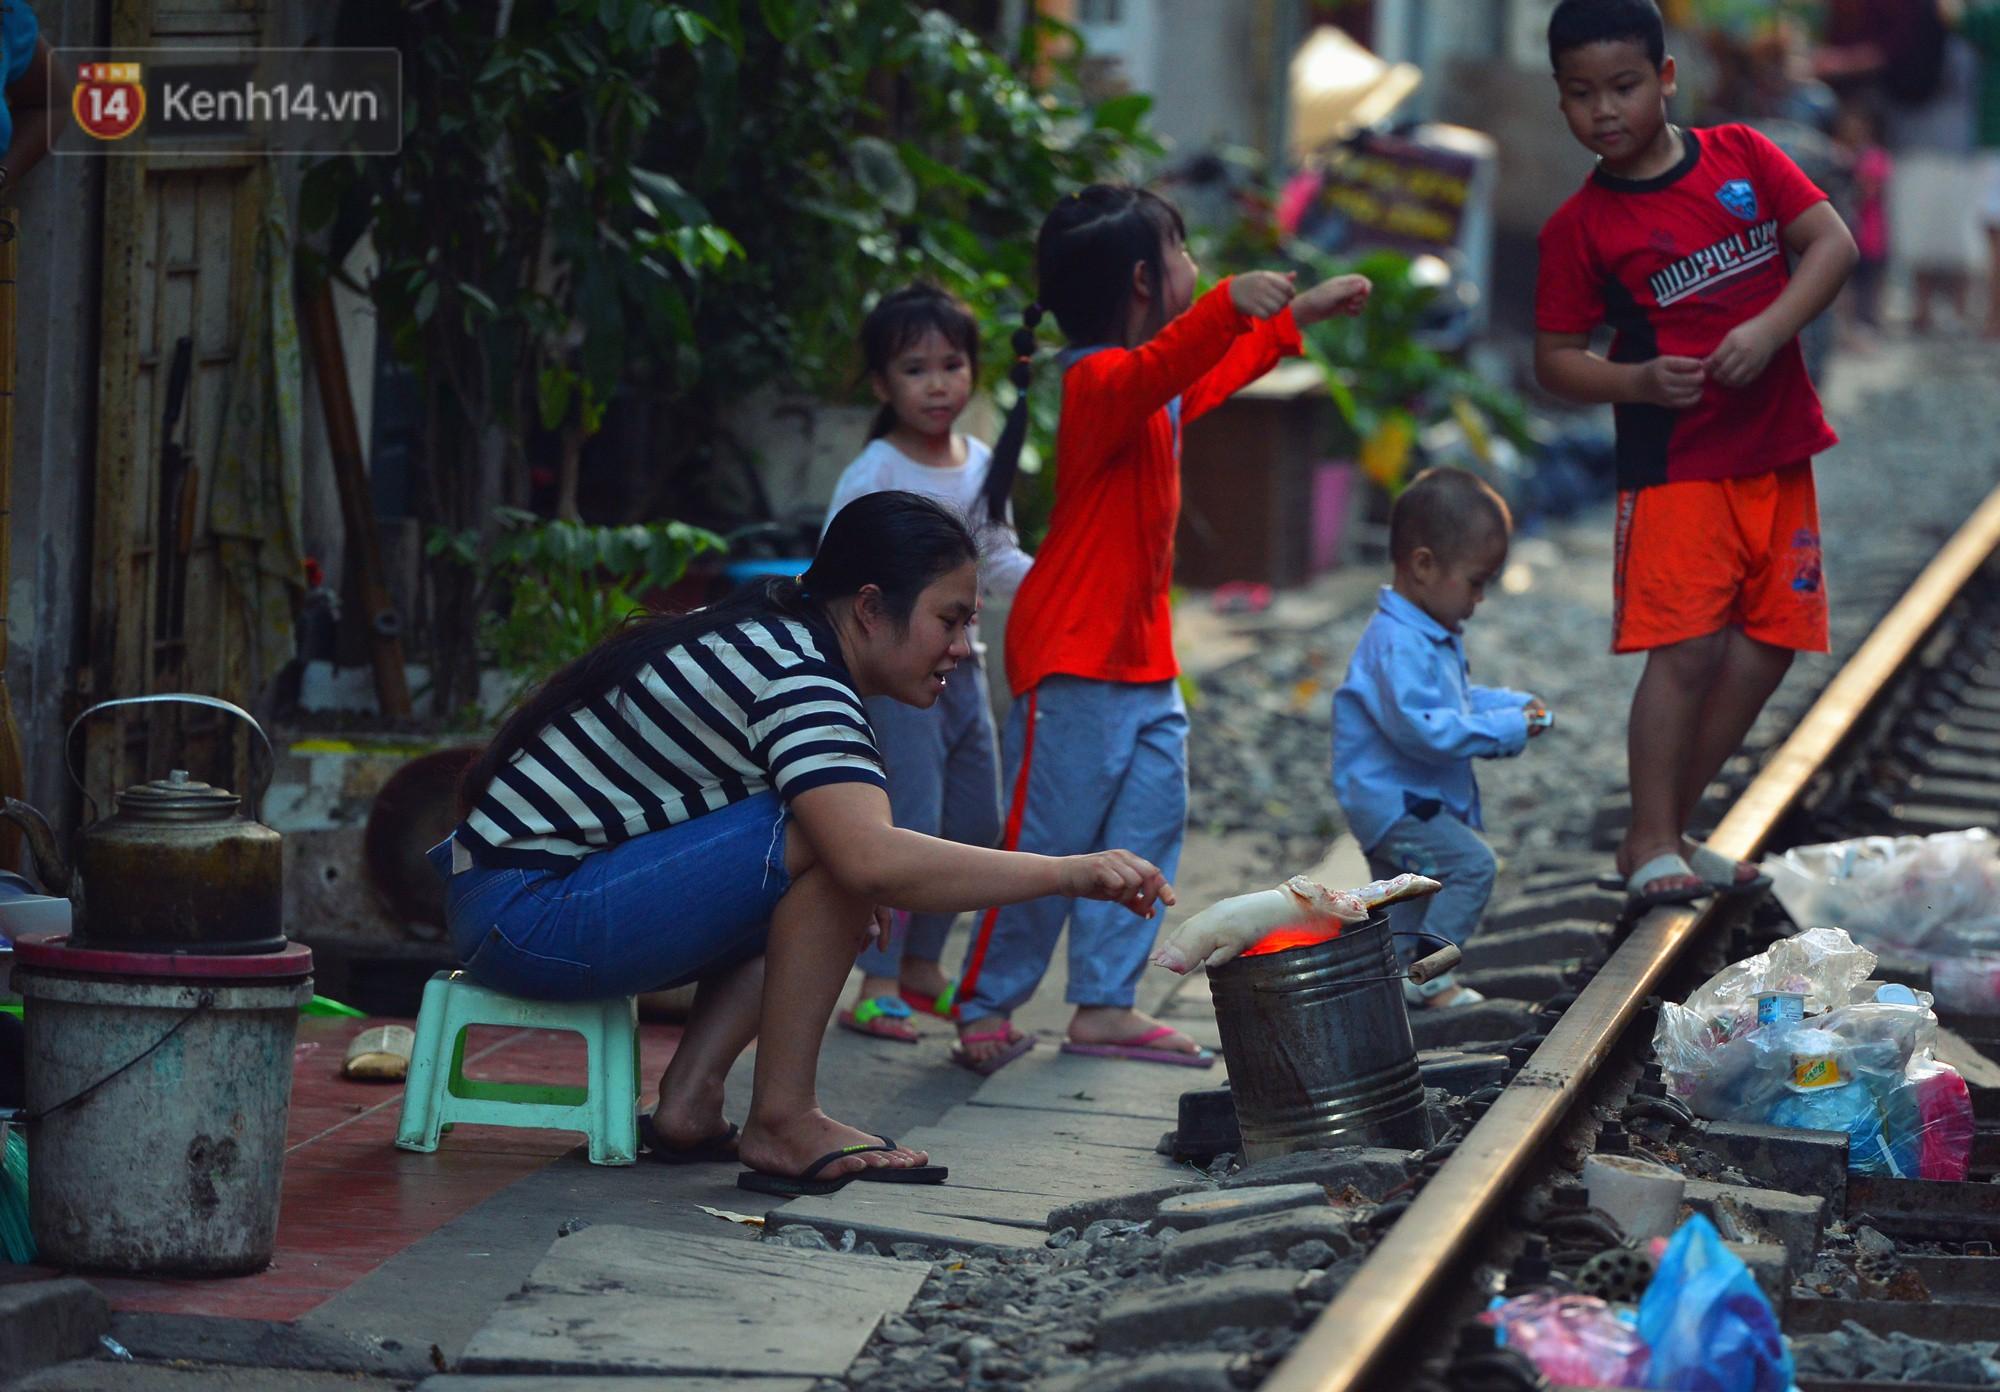 Hà Nội: Xóm đường tàu đẹp không kém làng cổ Thập Phần, Đài Loan - Ảnh 9.